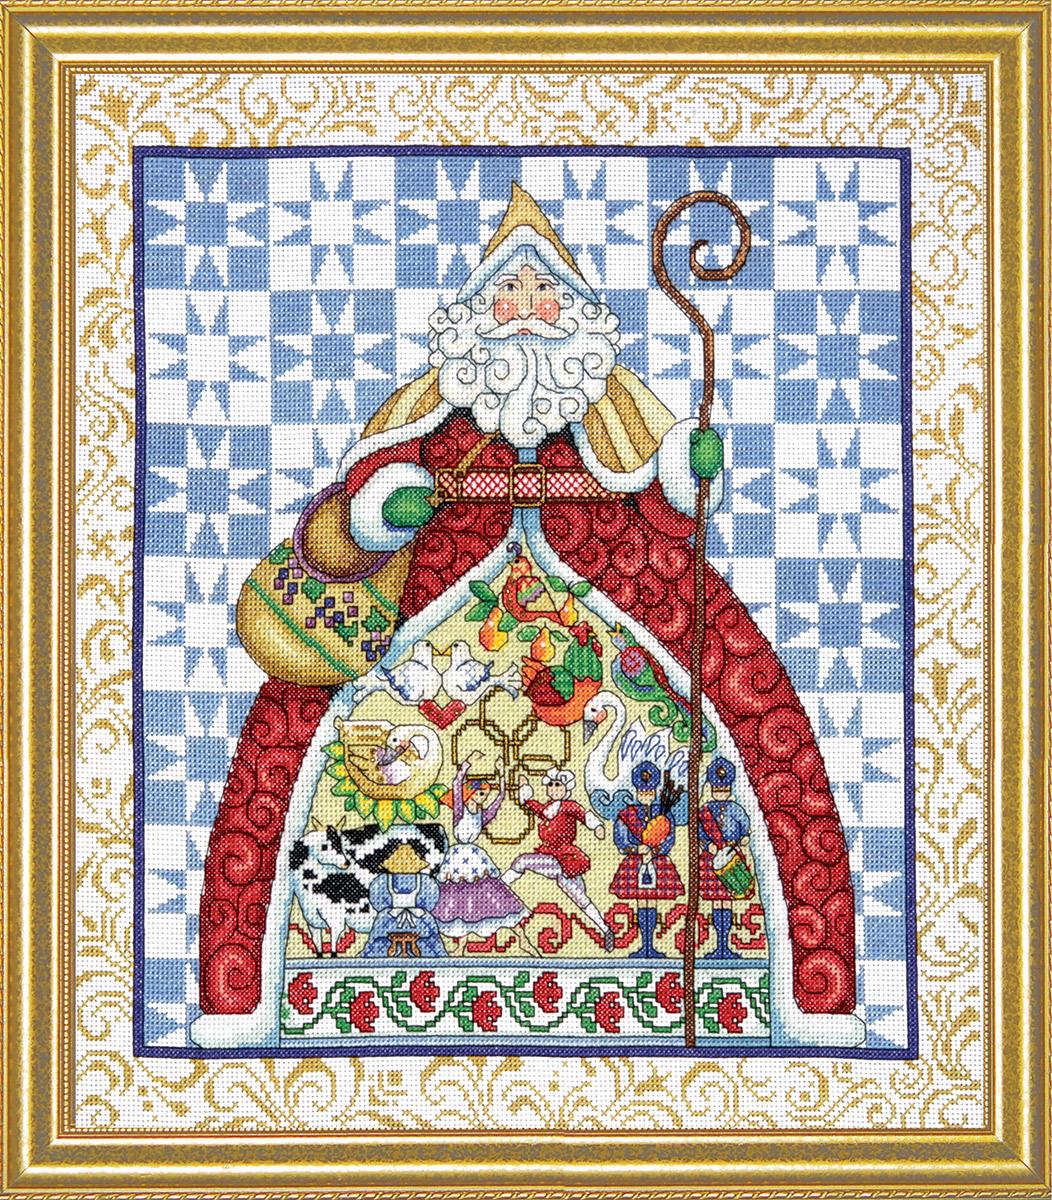 Набор для вышивания крестом Design Works 12 дней Рождества, 35x40 см5992Канва Аида 14 (100% хлопок), нитки мулине (100% хлопок), игла, подробная инструкция со схемой вышивки на русском языке